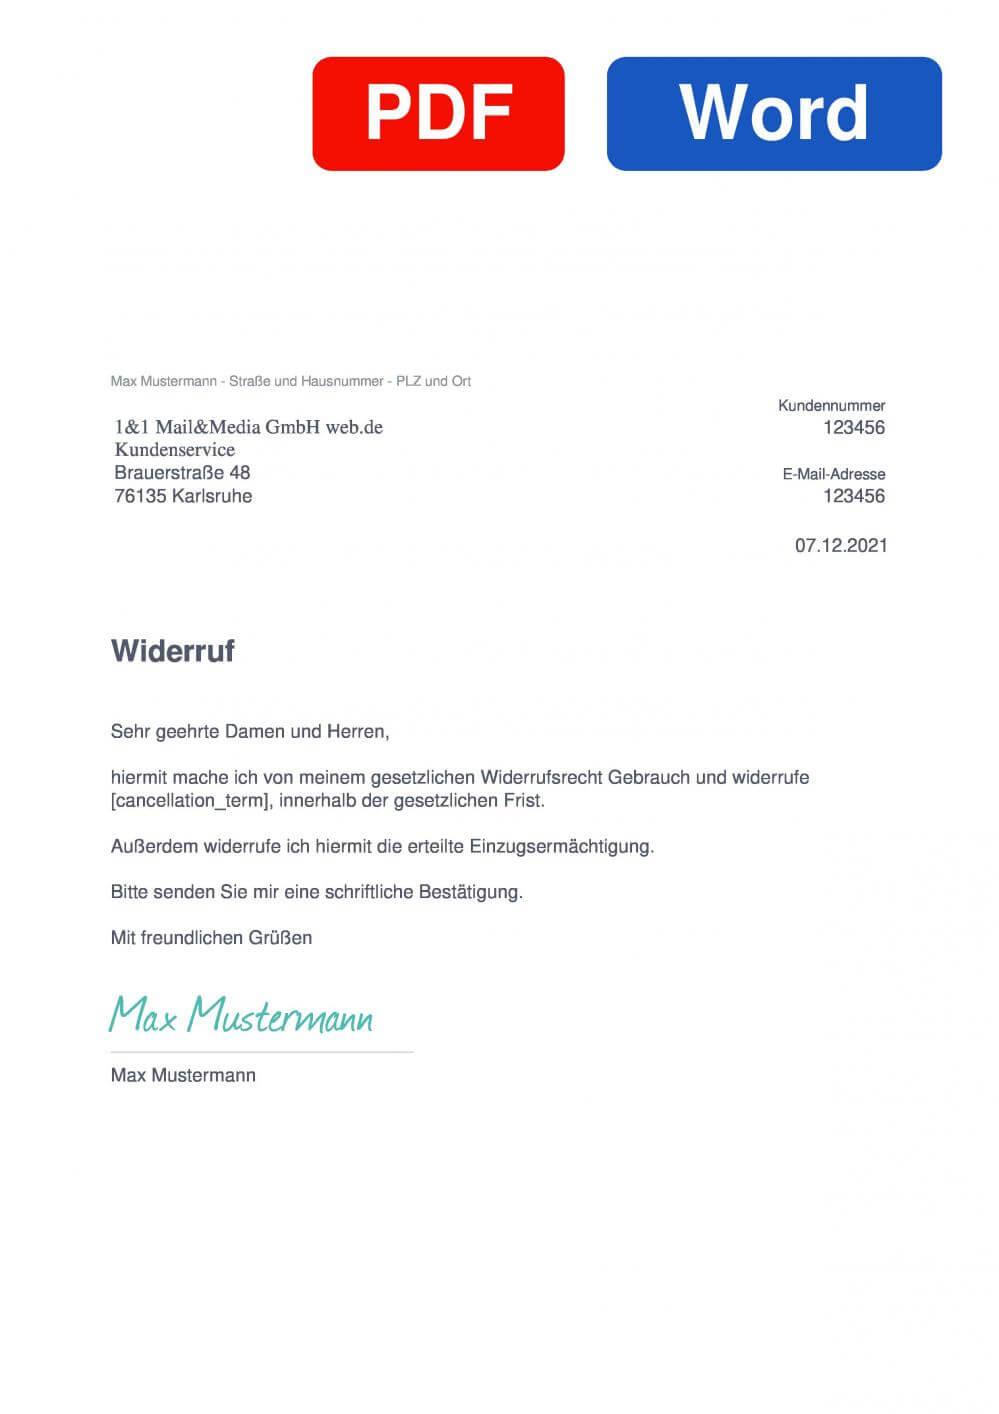 WEB.DE Club Muster Vorlage für Wiederrufsschreiben